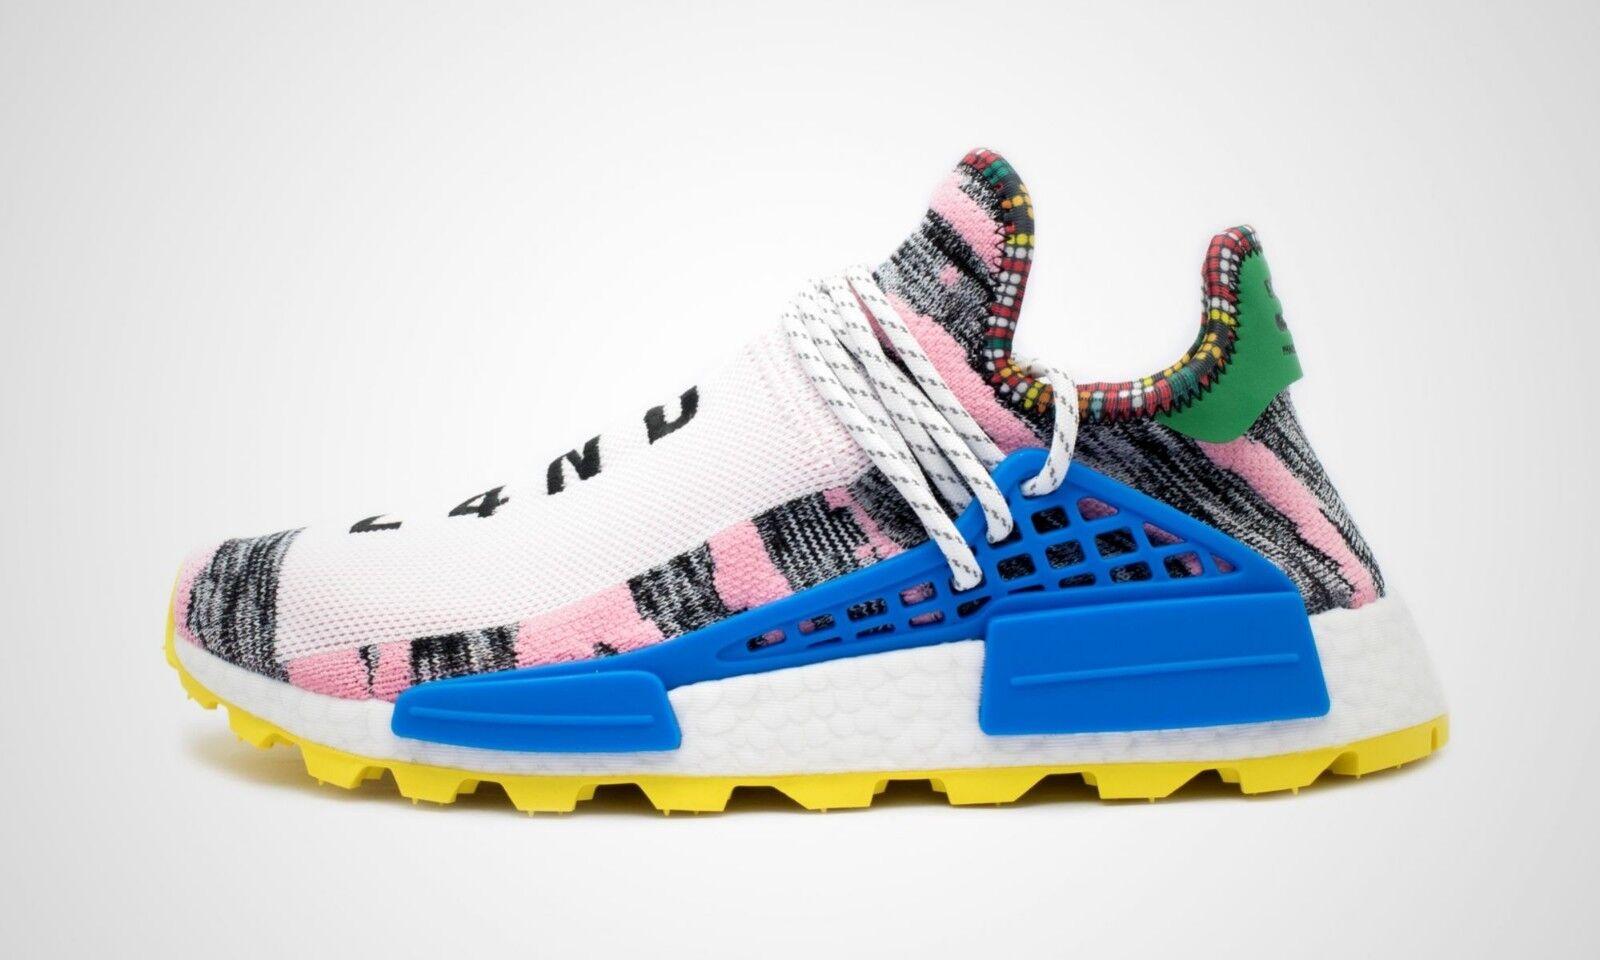 dans main adidas pharrell williams race race race humaine bb9531 rose nmd hu solar mère 8  13   La Réputation D'abord  905ce8